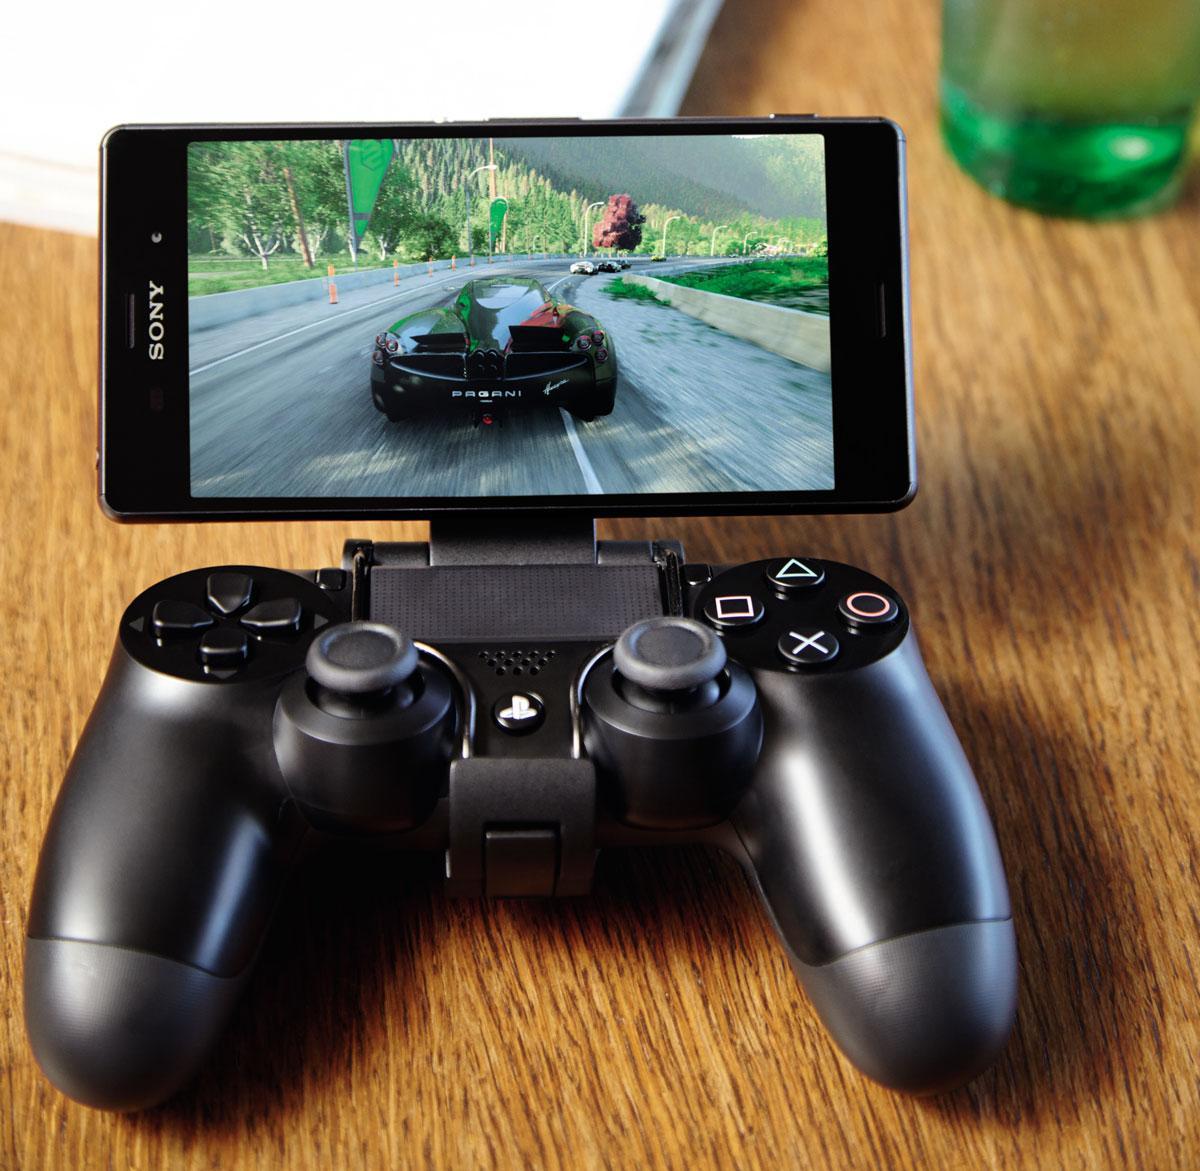 Sony Xperia Z3 con el mando de la PS4 integrado